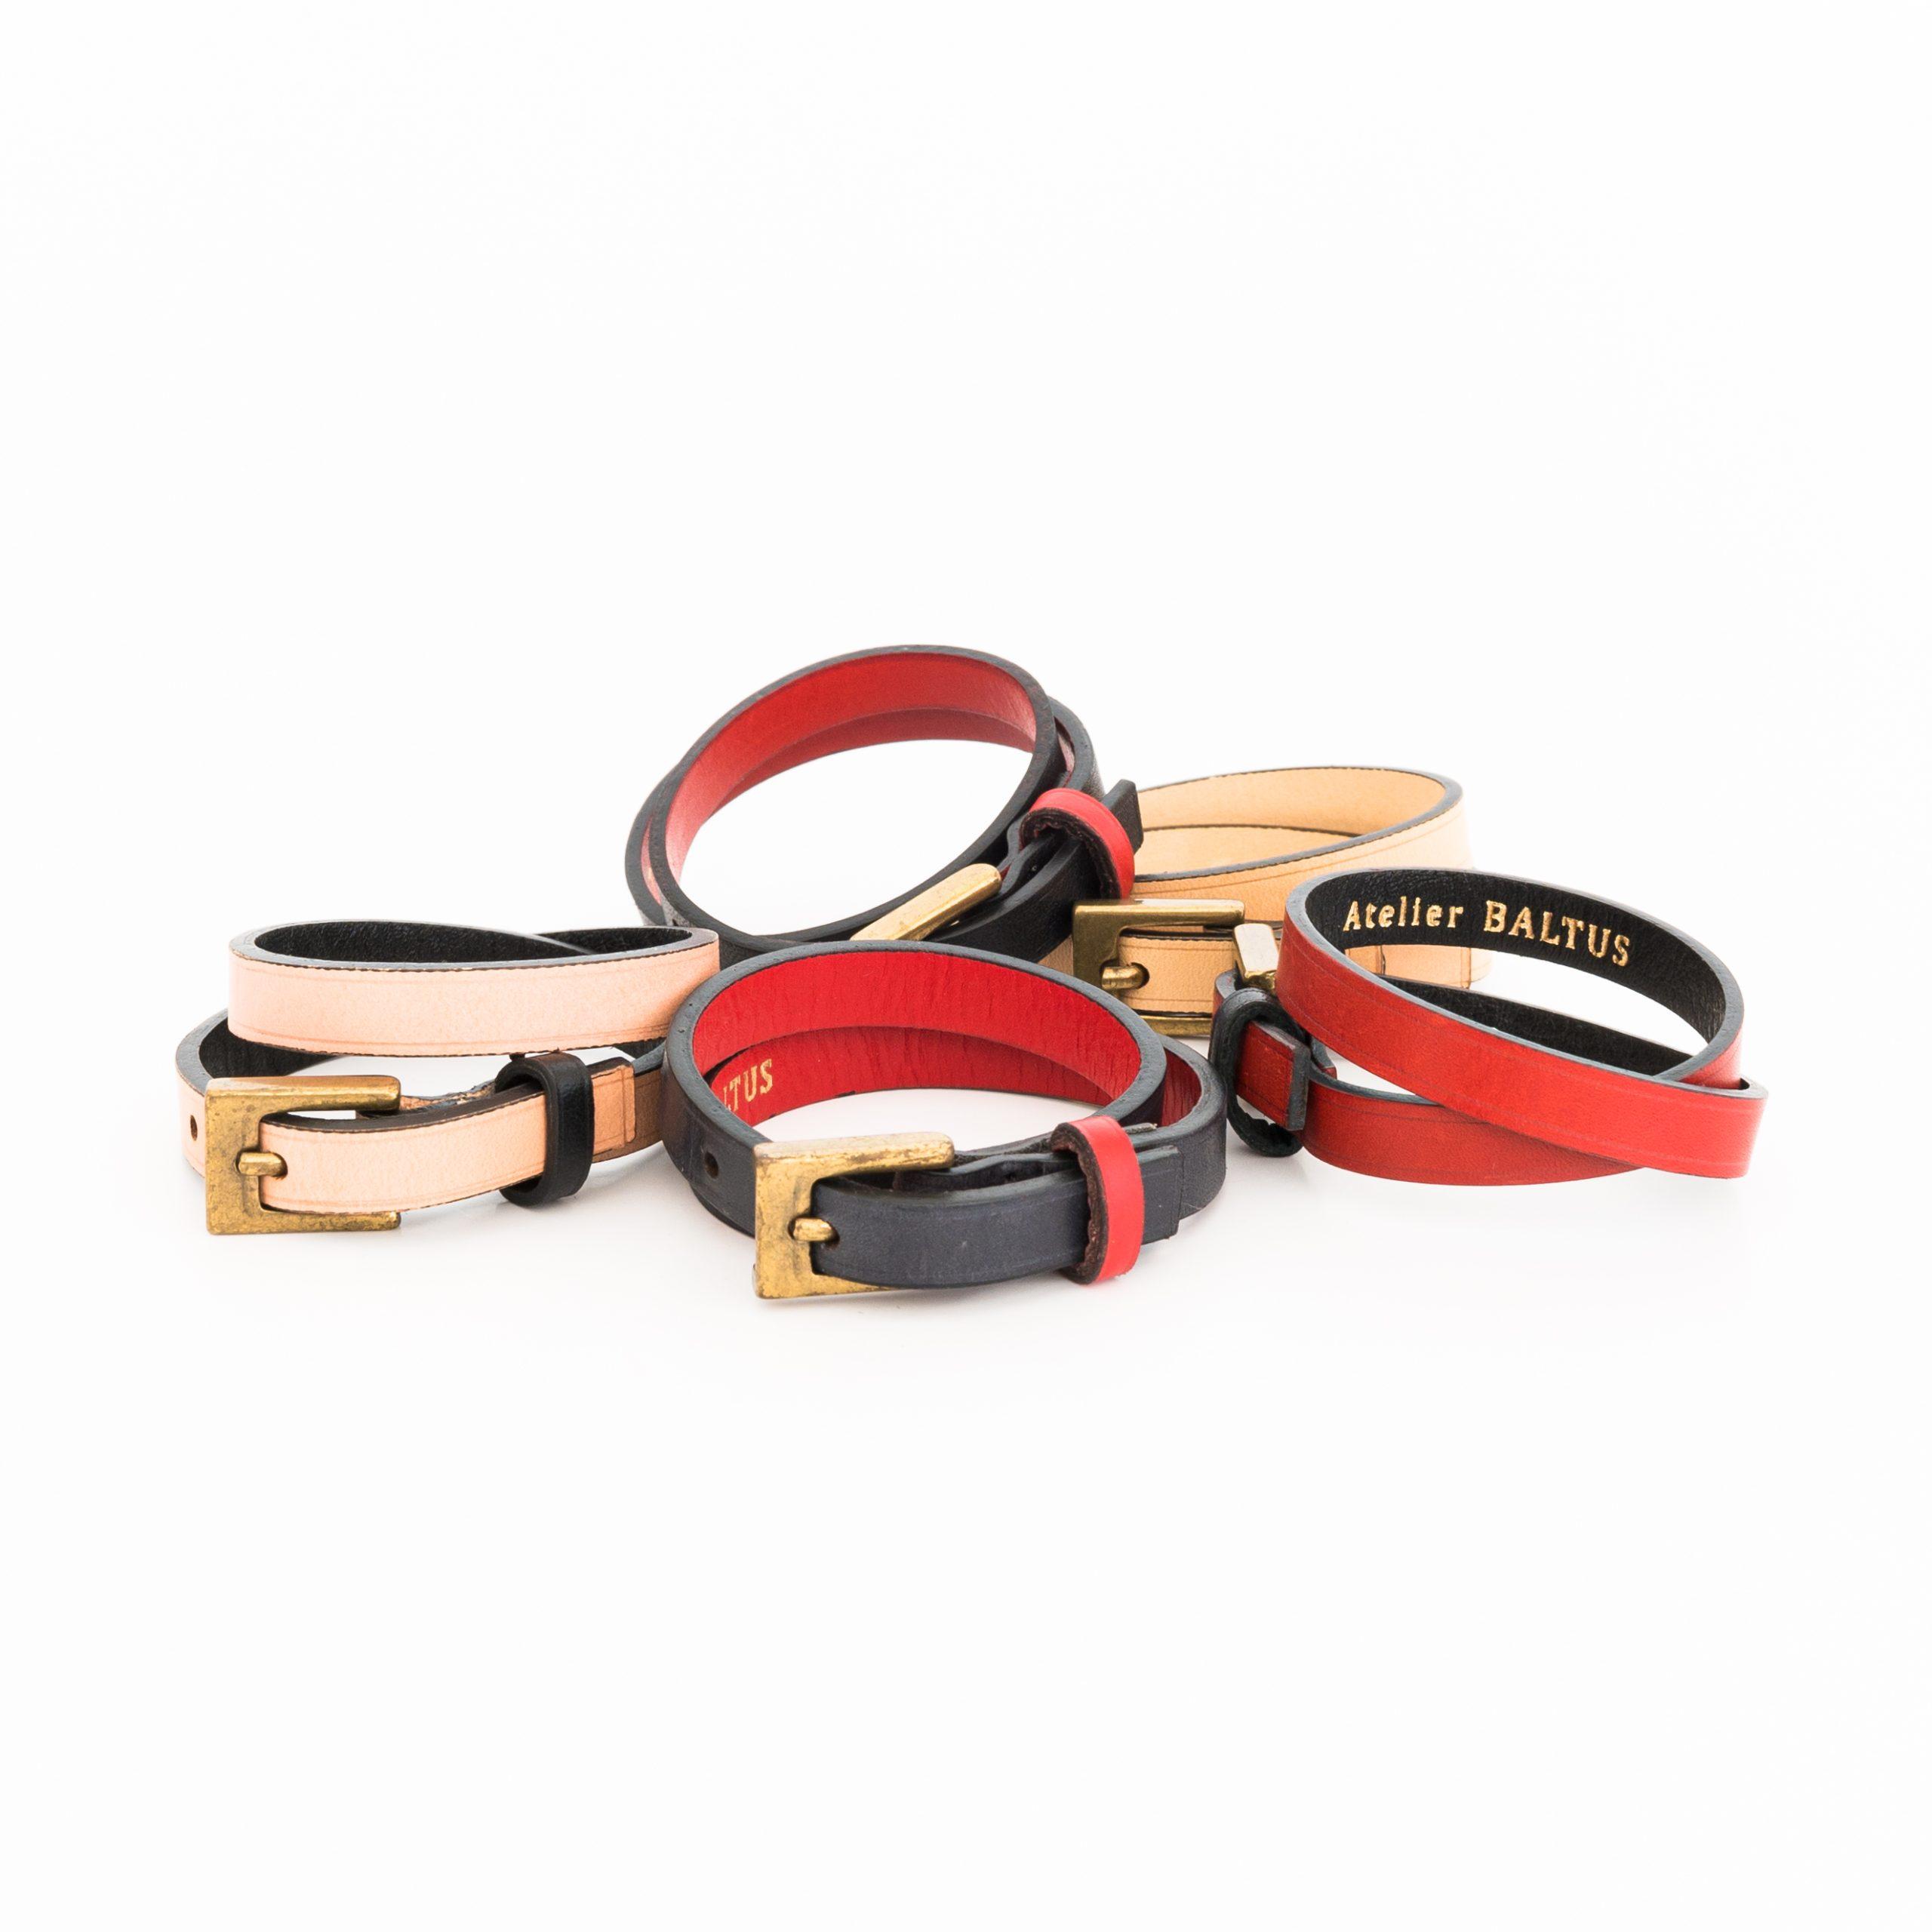 Ensemble des bracelets Atelier BALTUS en cuir à tannage végétal